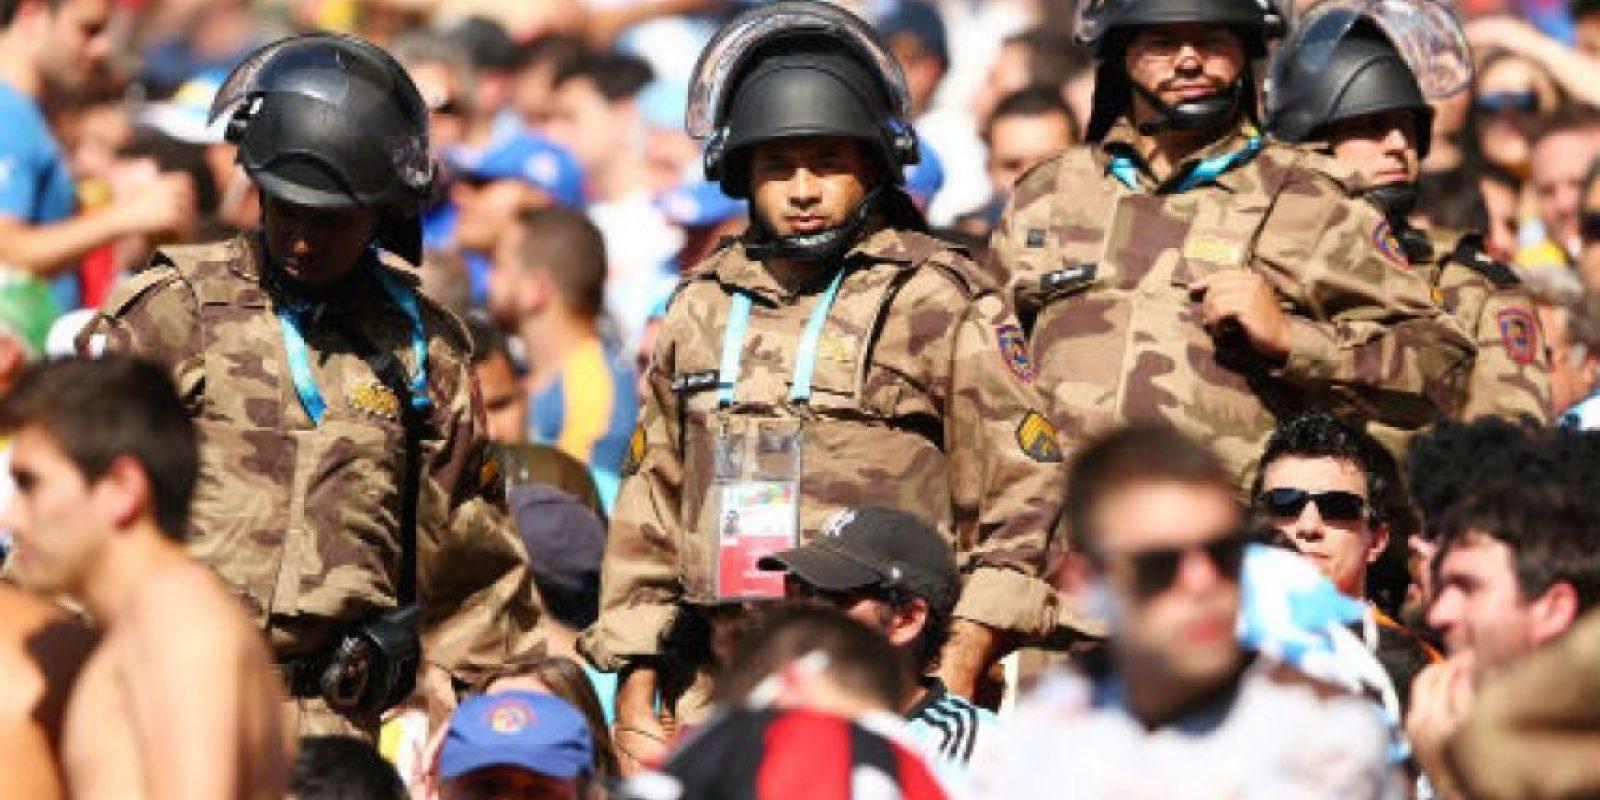 Se ha destacado en las misiones de paz en el marco de las Naciones Unidas. Foto:Getty Images